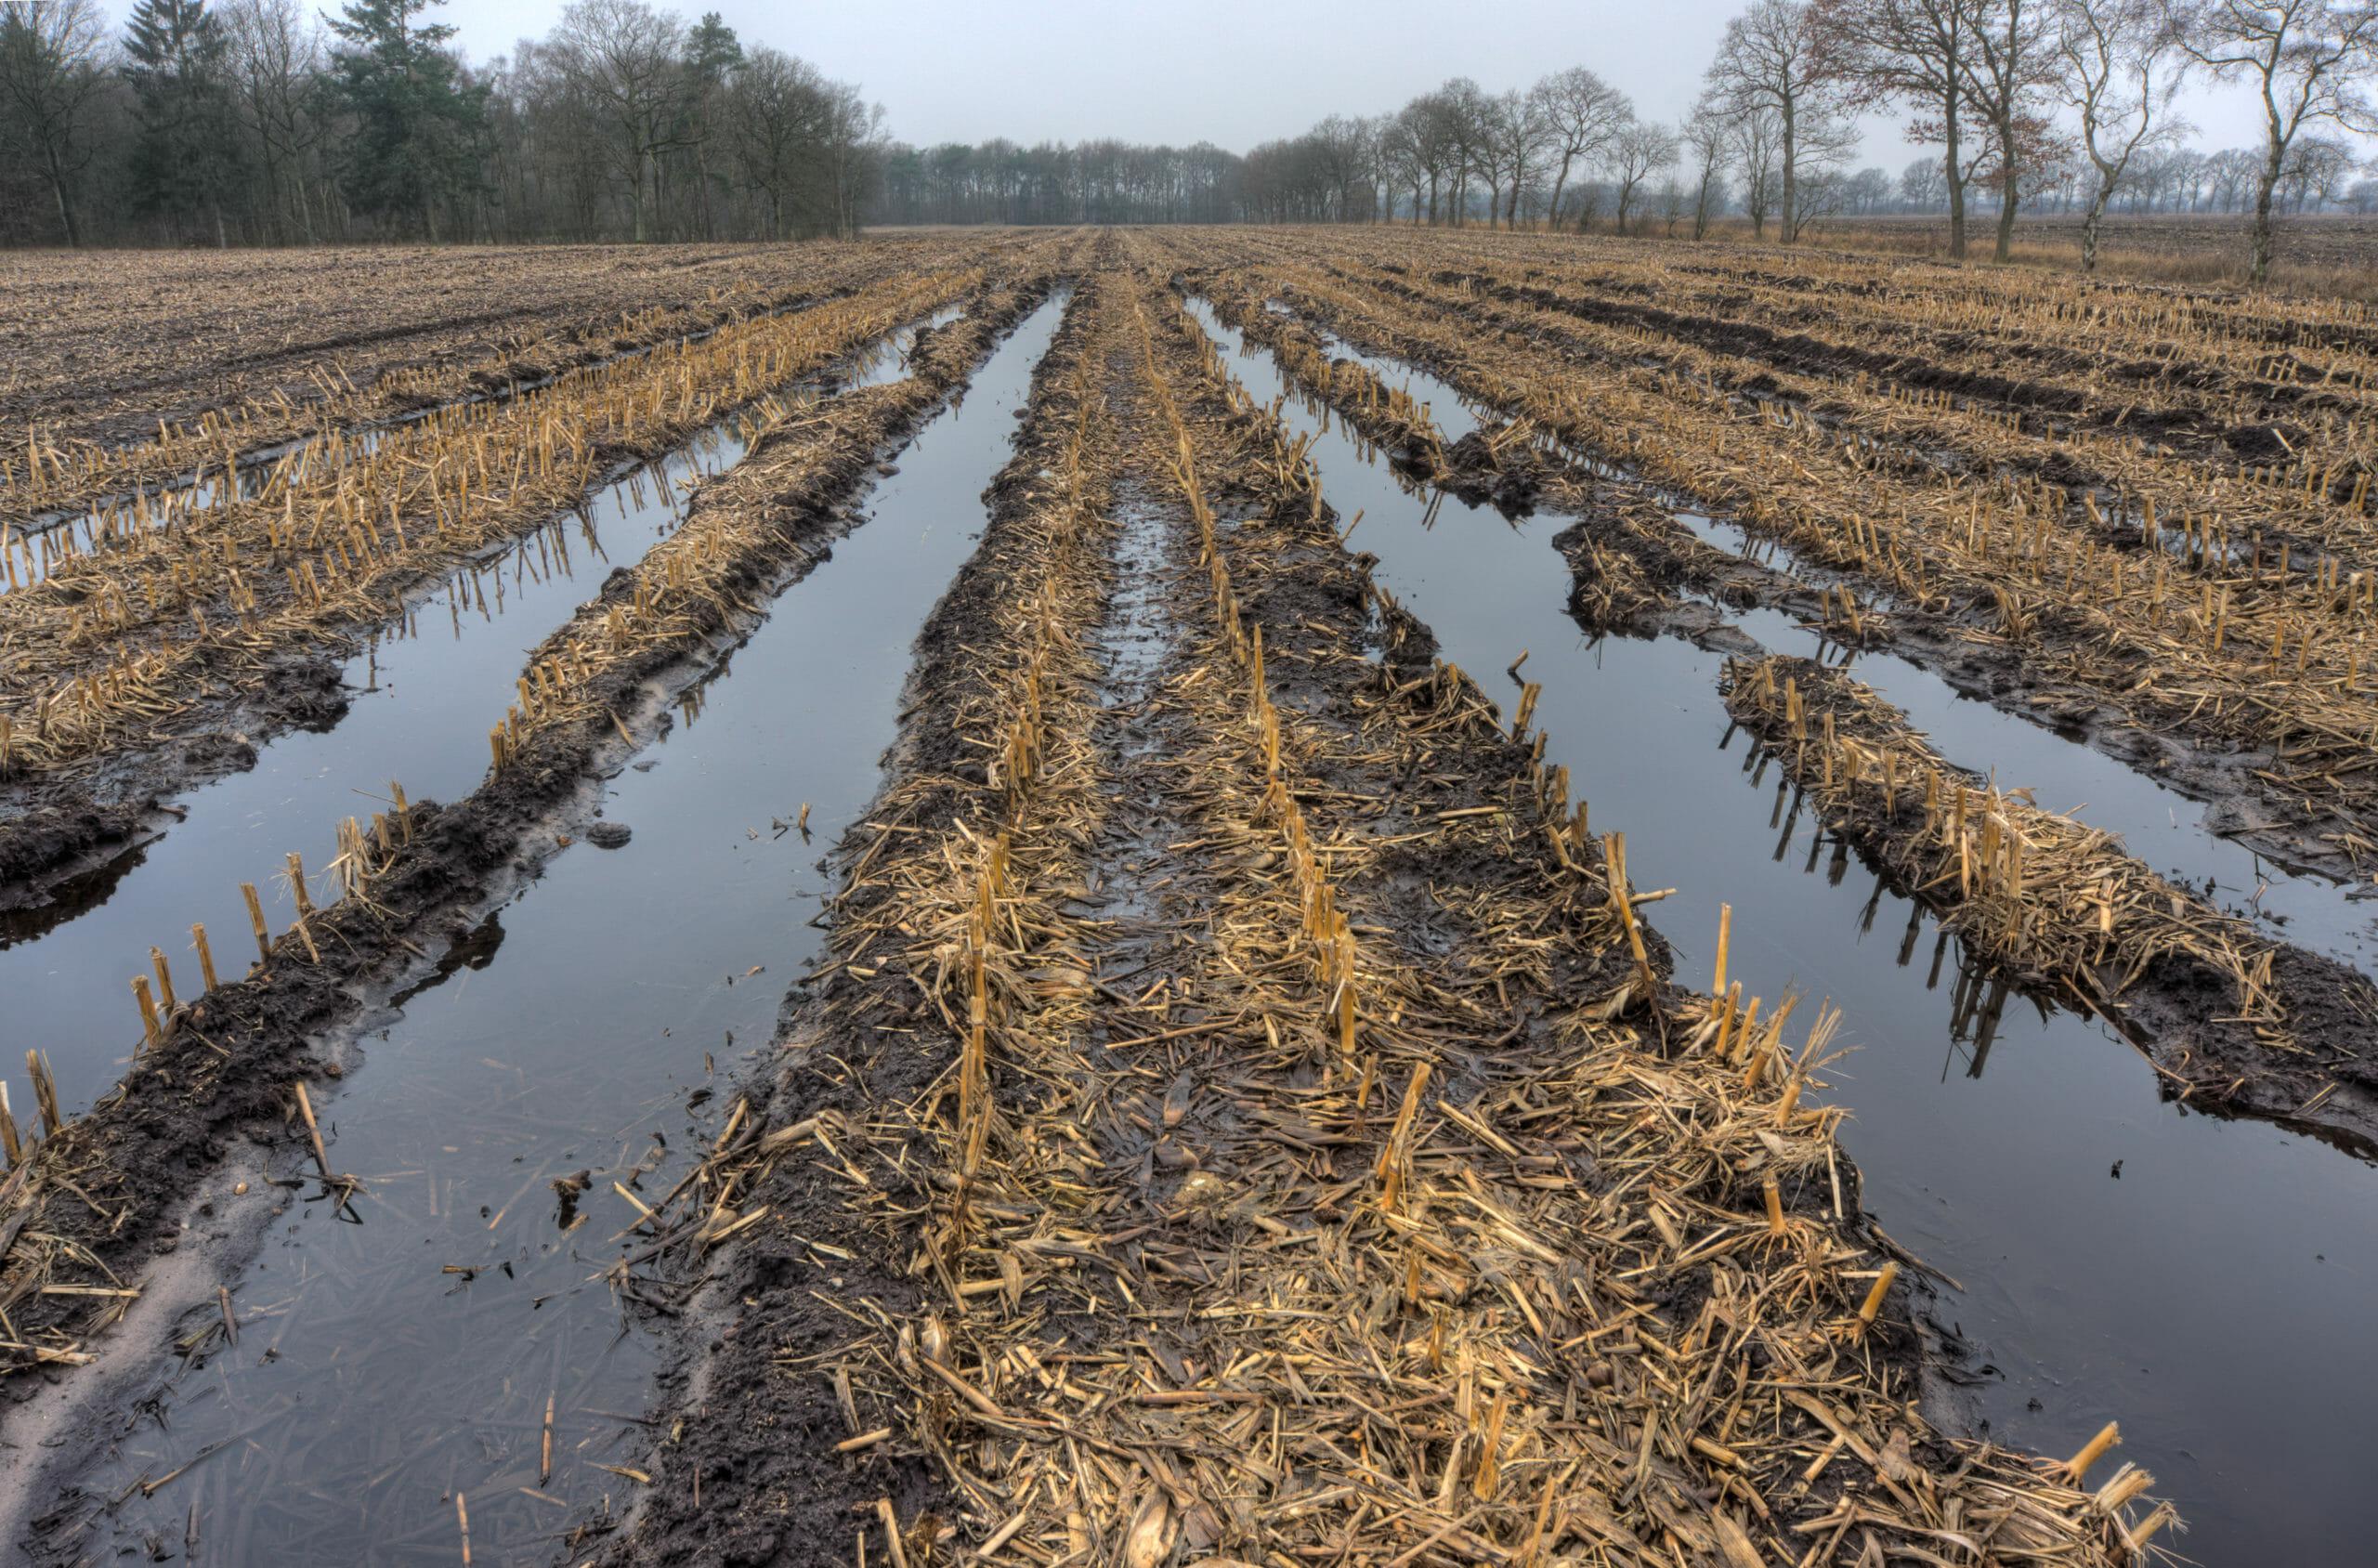 Wet harvest, flooded field, tips for wet harvest season, farming tips, agricultural tips, farming blog, ag blog